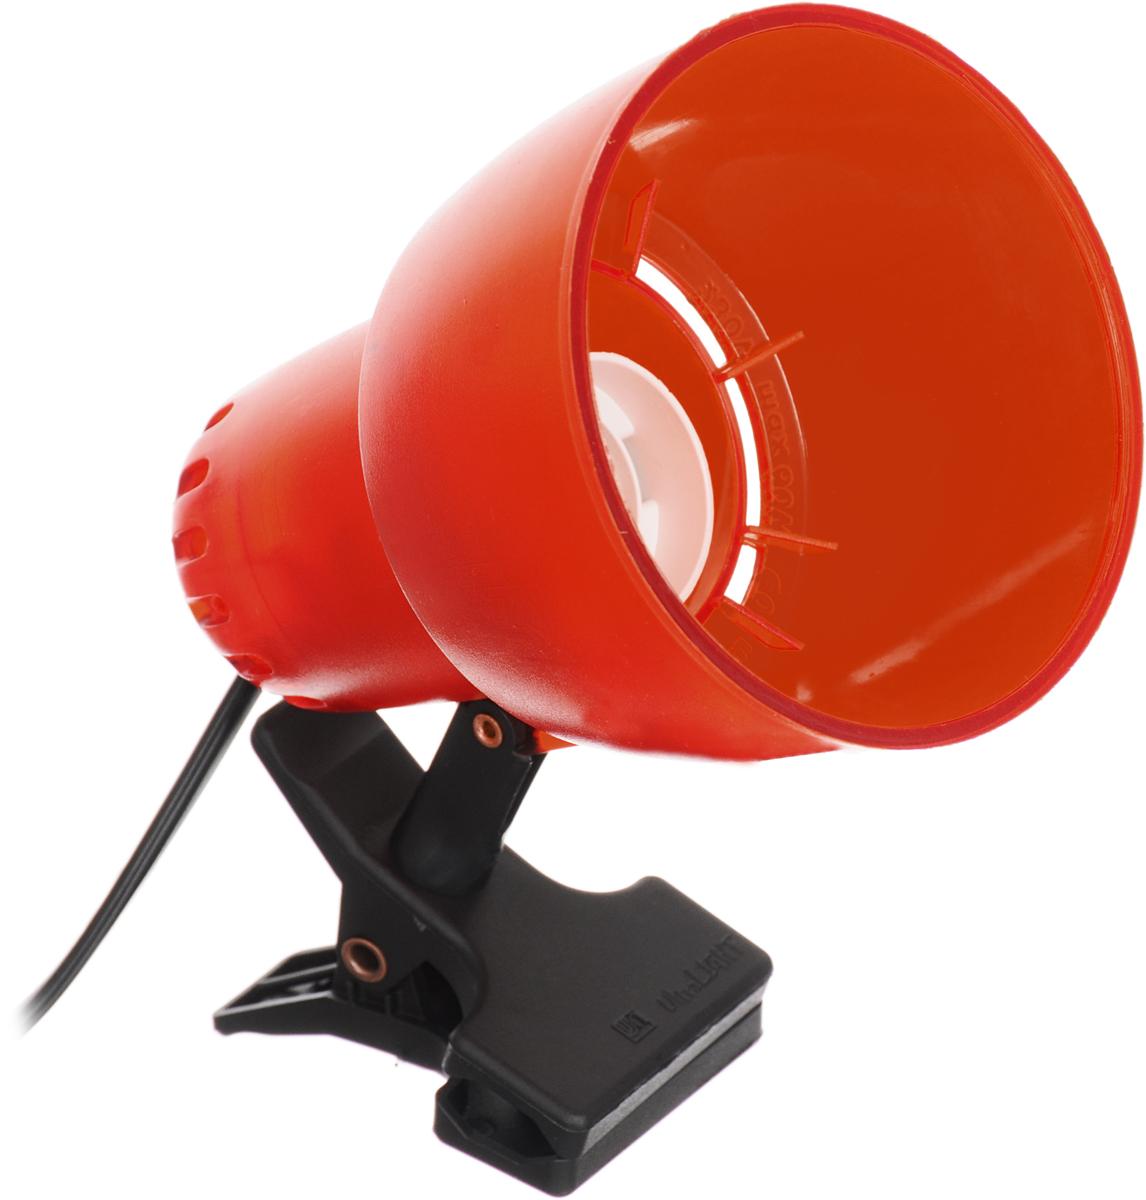 Настольный светильник Ультра ЛАЙТ, цвет: прозрачный, красныйKT034B_прозрачный, красный;KT034B_прозрачный, красныйНастольный светильник Ультра ЛАЙТ, цвет: прозрачный, красный